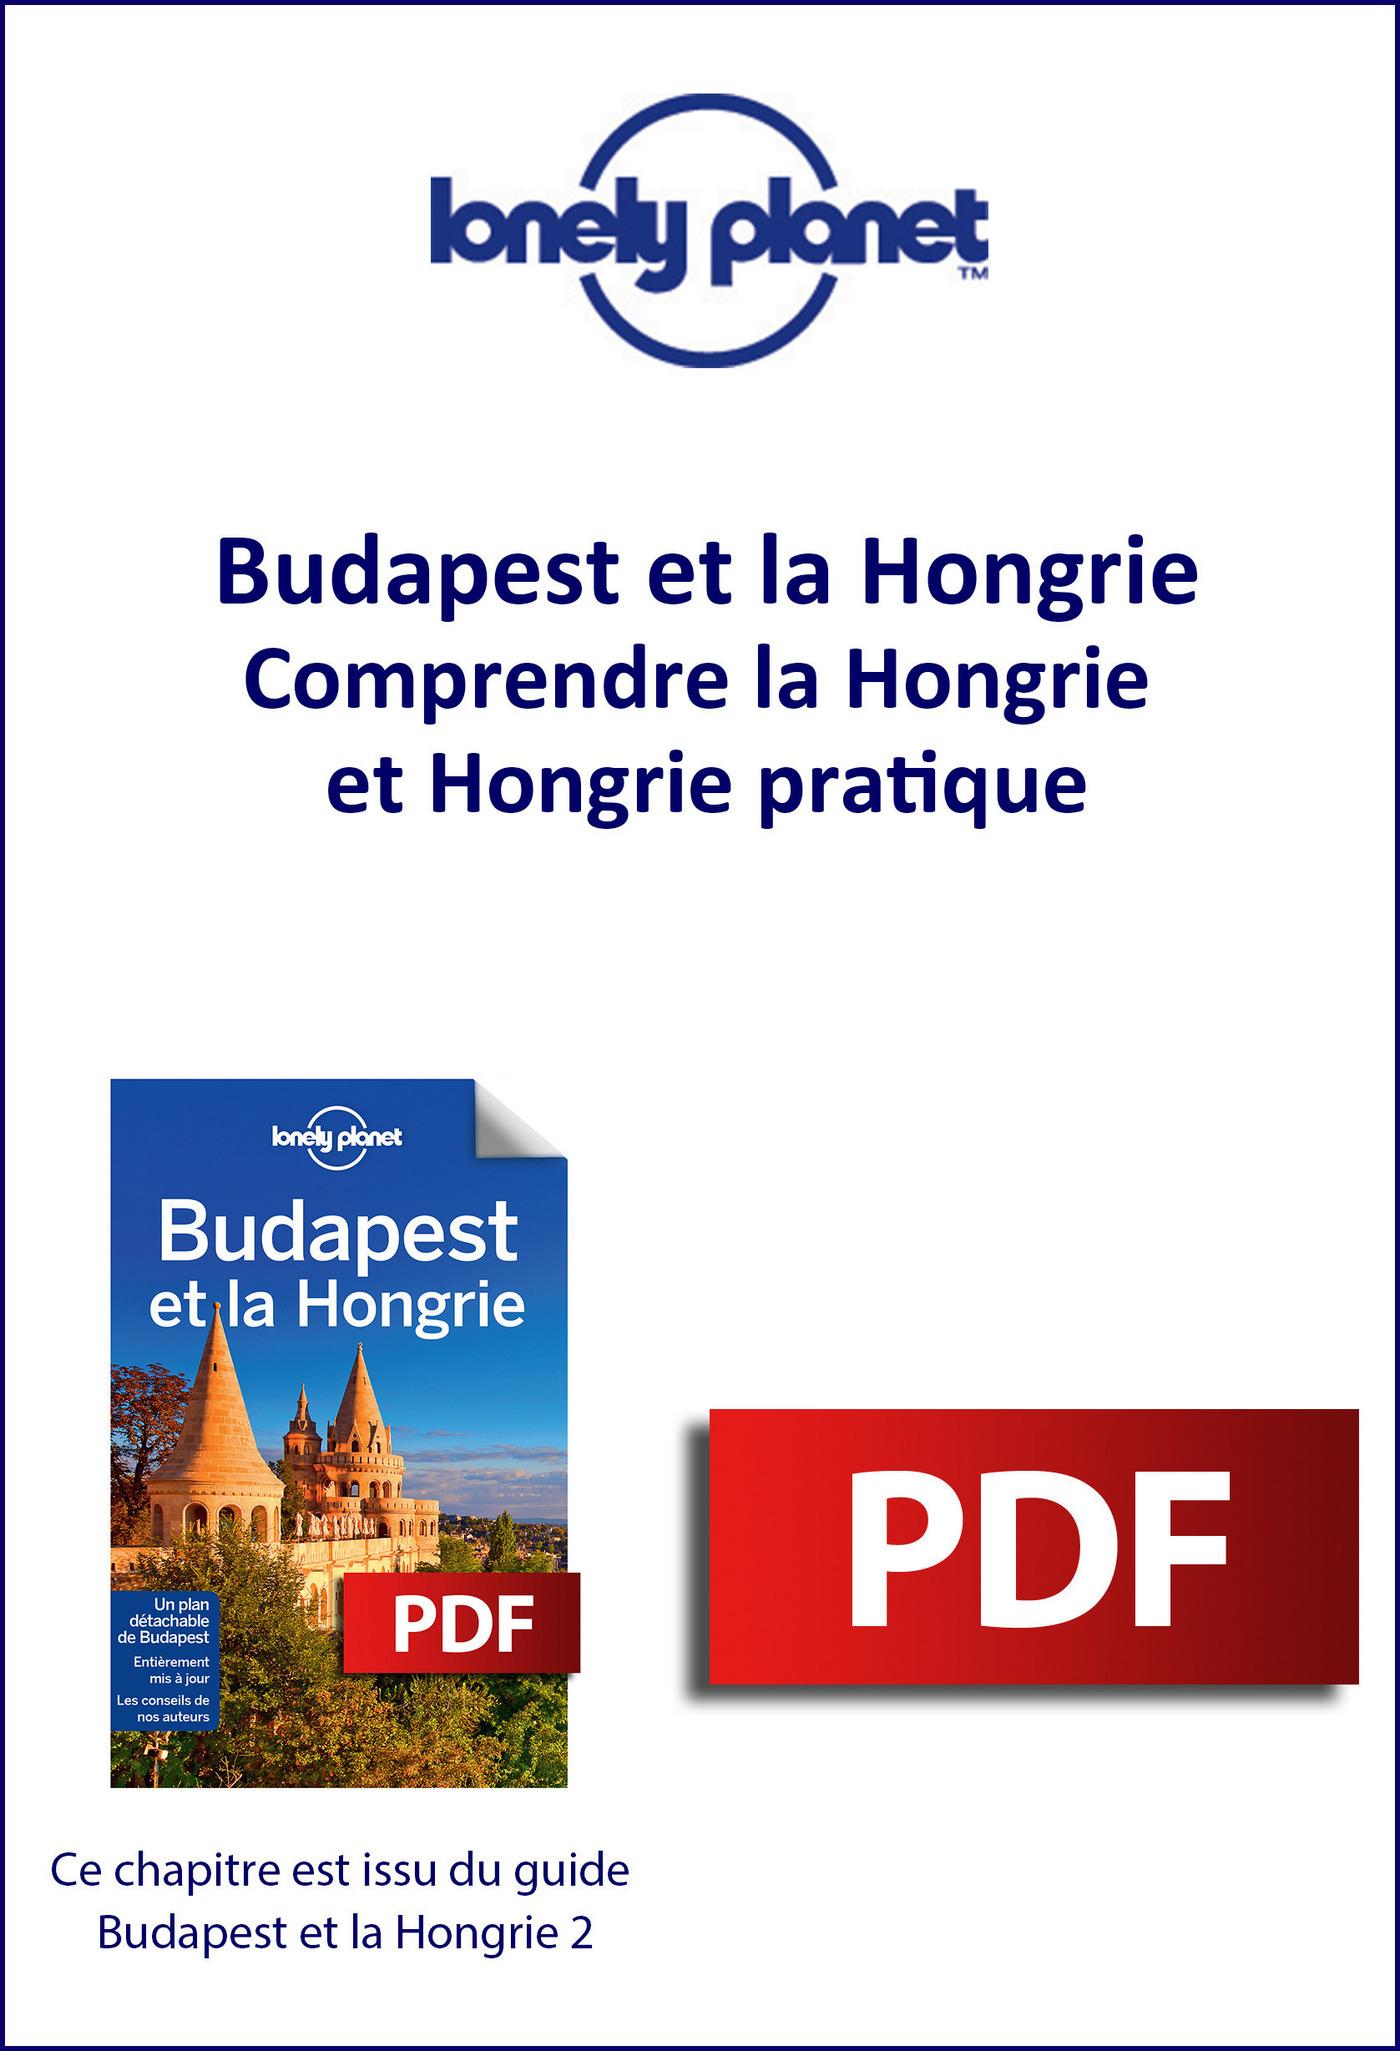 Budapest et la Hongrie - Comprendre la Hongrie et Hongrie pratique